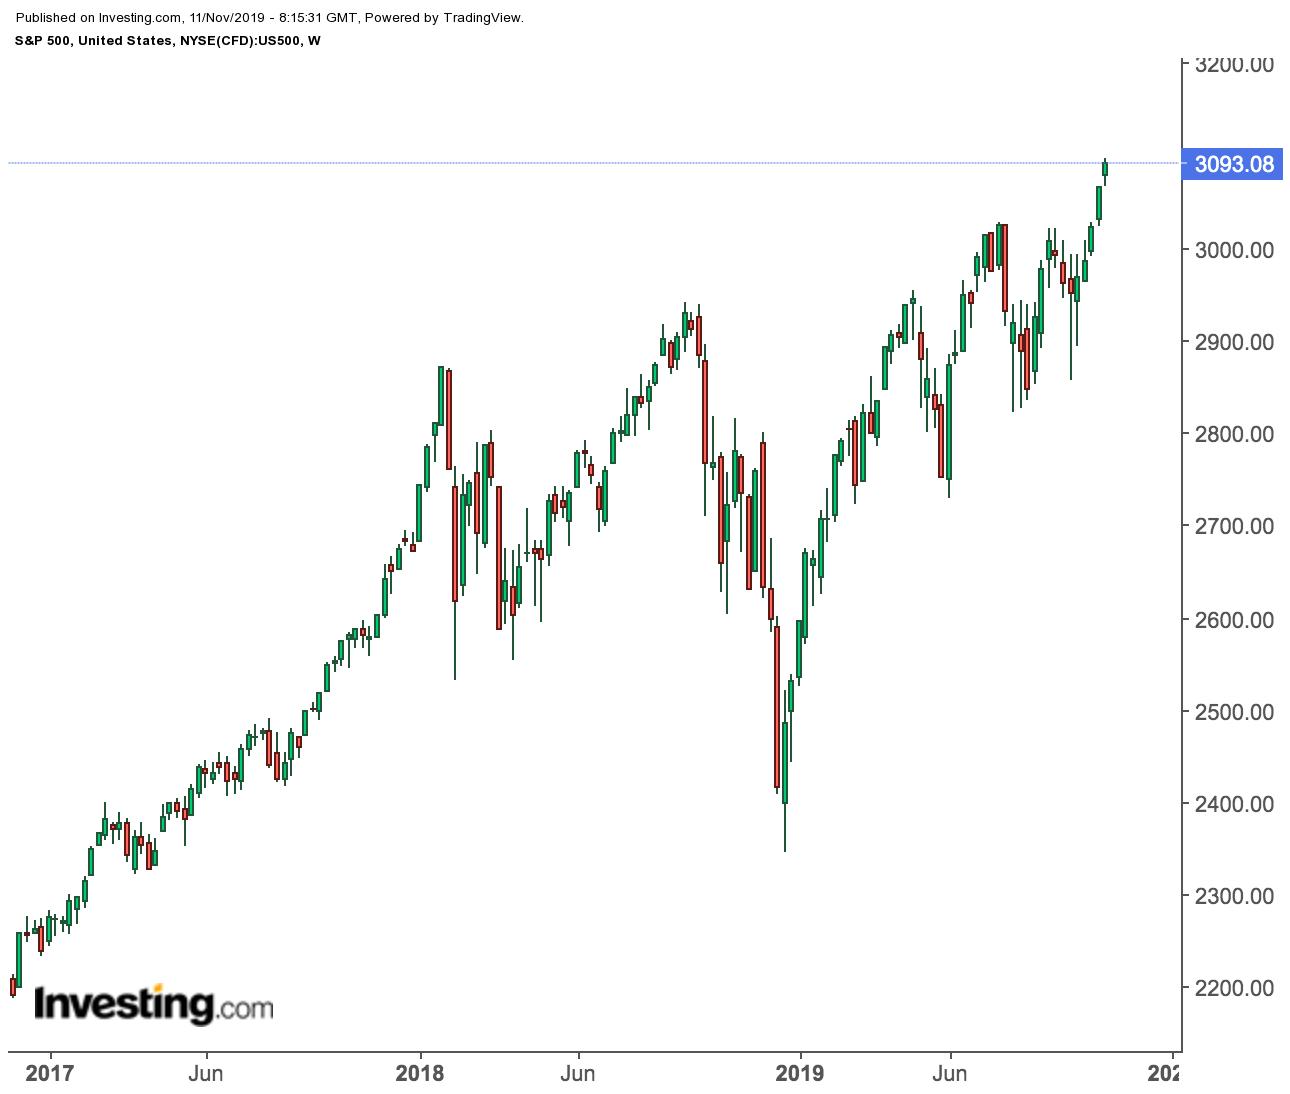 S&P 500 Gráfico Semanal